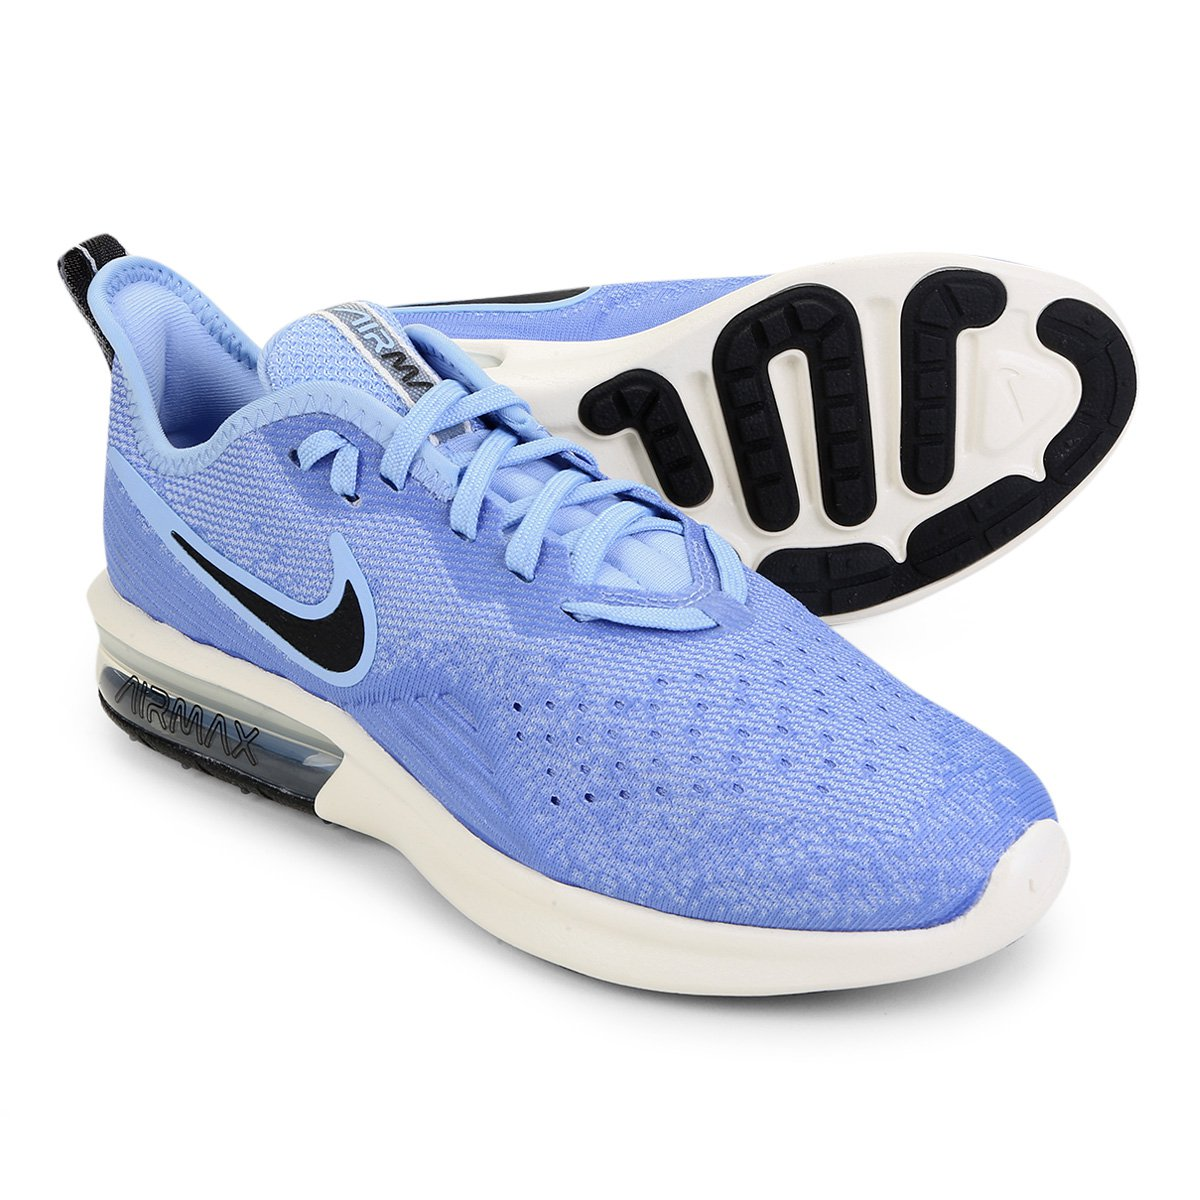 7d5ff9325e Tênis Nike Air Max Sequent 4 Feminino | Livelo -Sua Vida com Mais ...